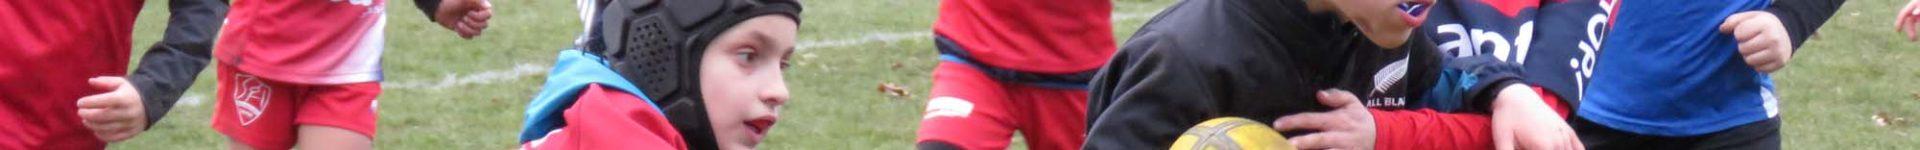 La galette pour les enfants de l'école de rugby